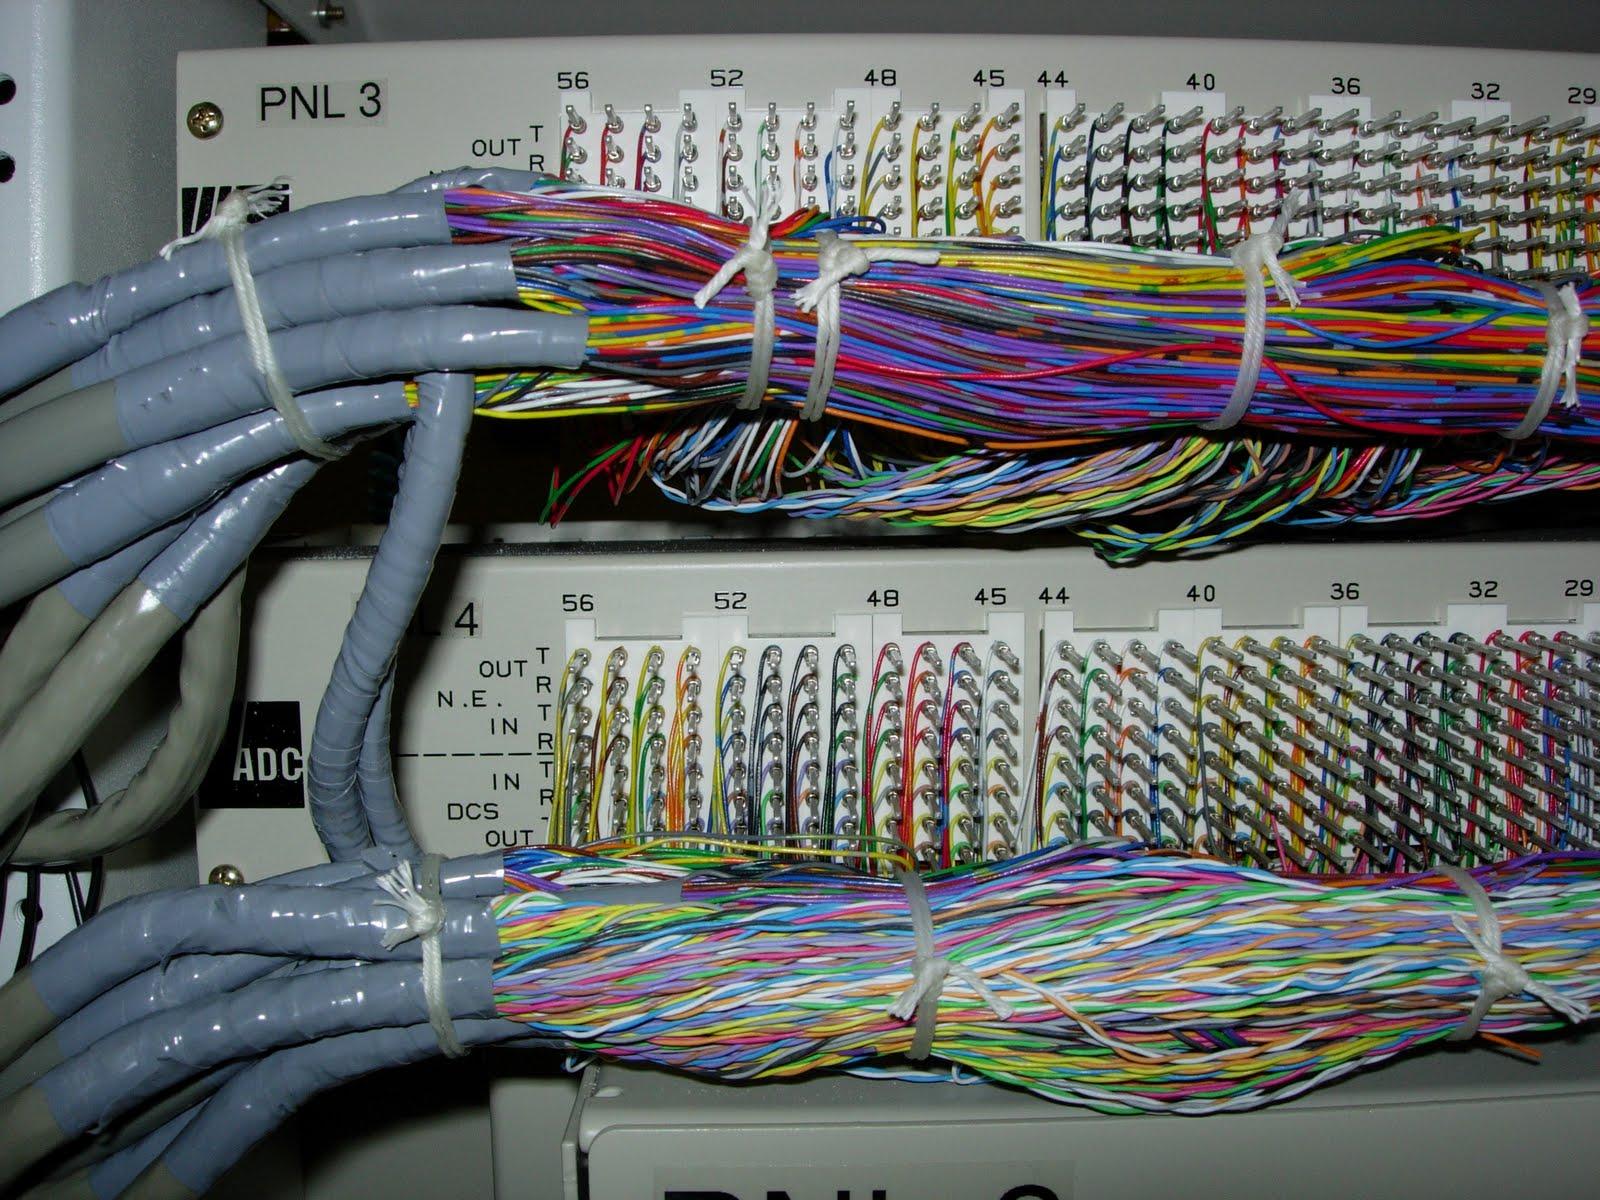 dsx 1 panel wiring diagram wiring diagram expertsdsx panel wiring schematic  diagram 153 pandoracharms co dsx